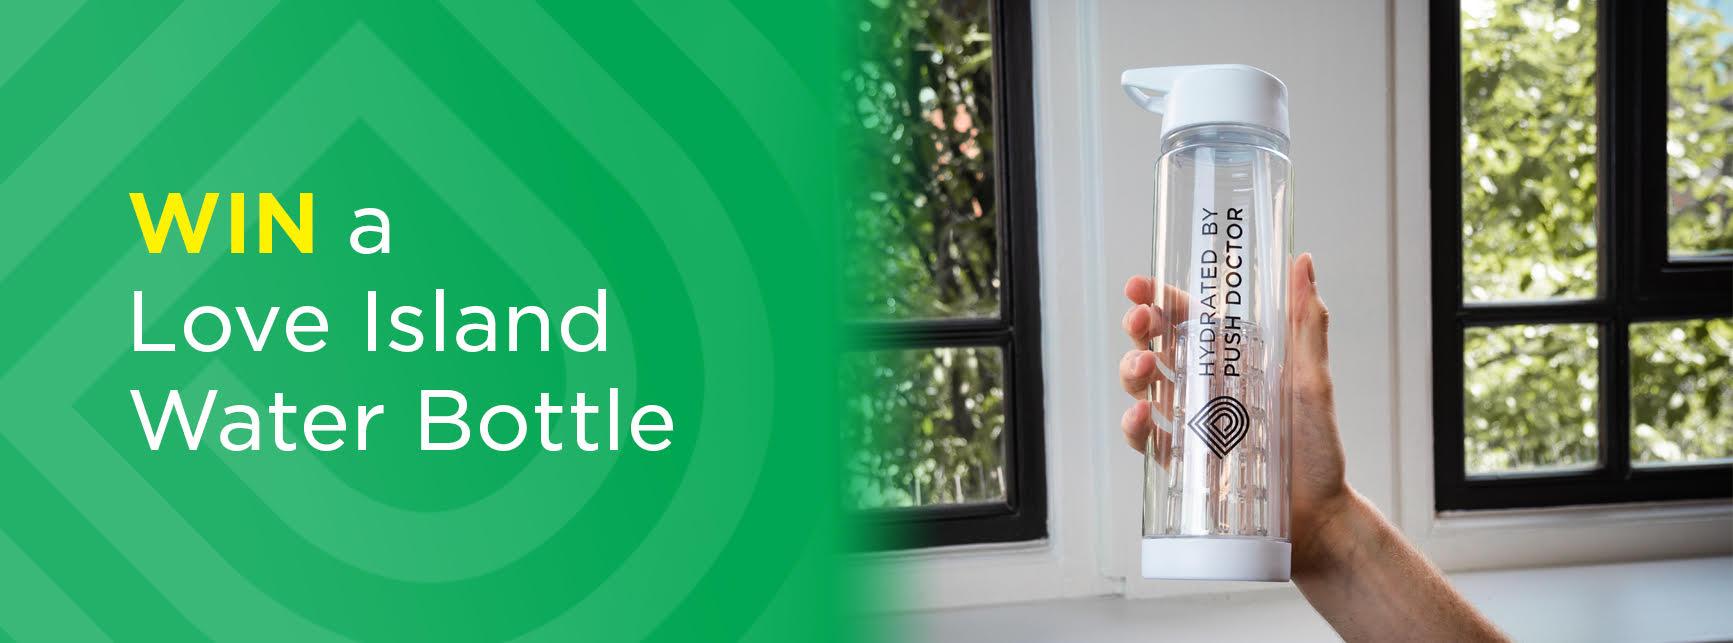 push-doctor-water-bottle